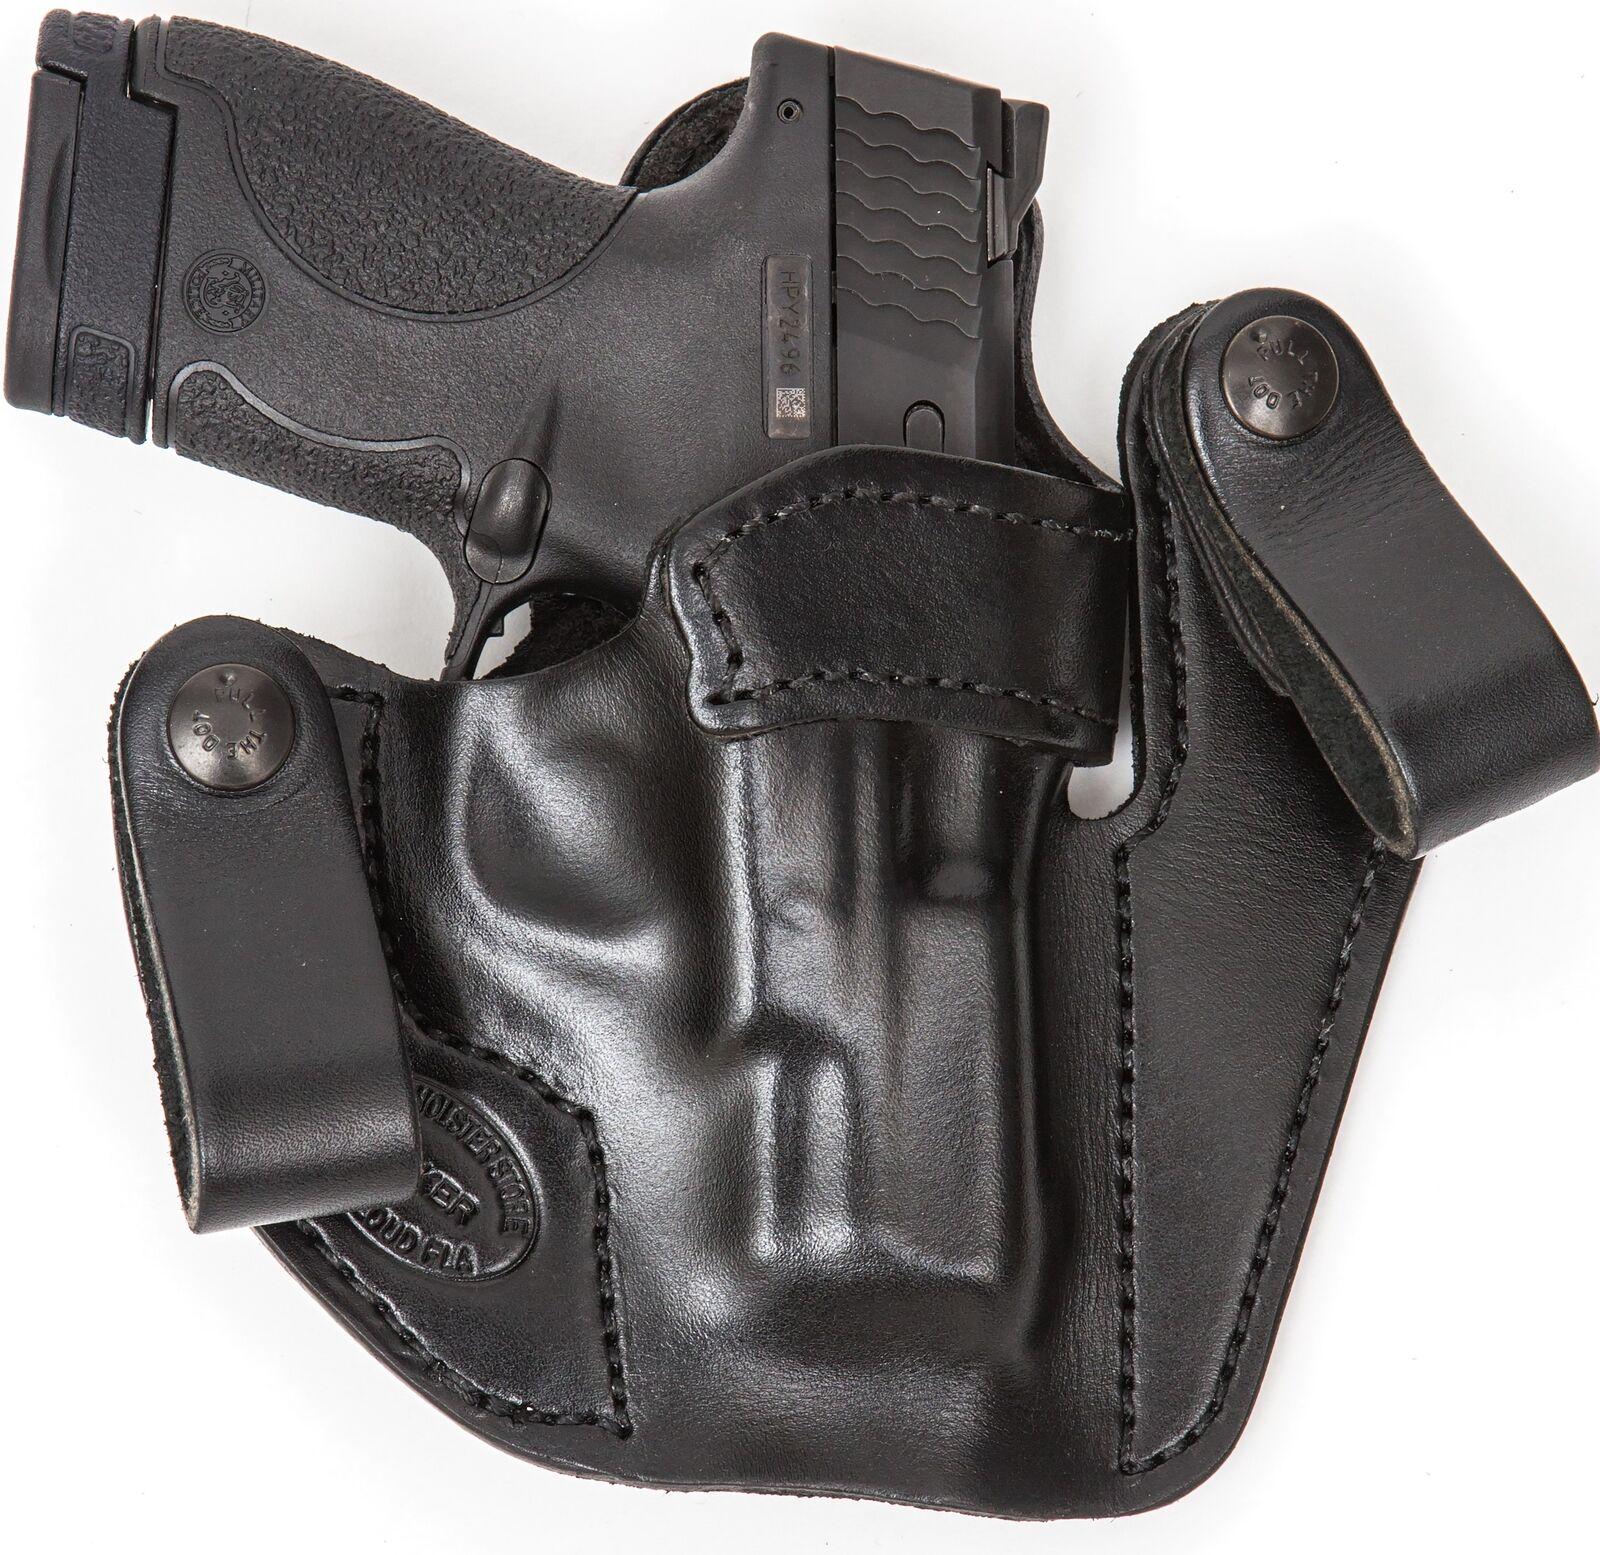 XTREME CARRY RH LH IWB Leder Gun Holster For For Holster CZ 97B a96470